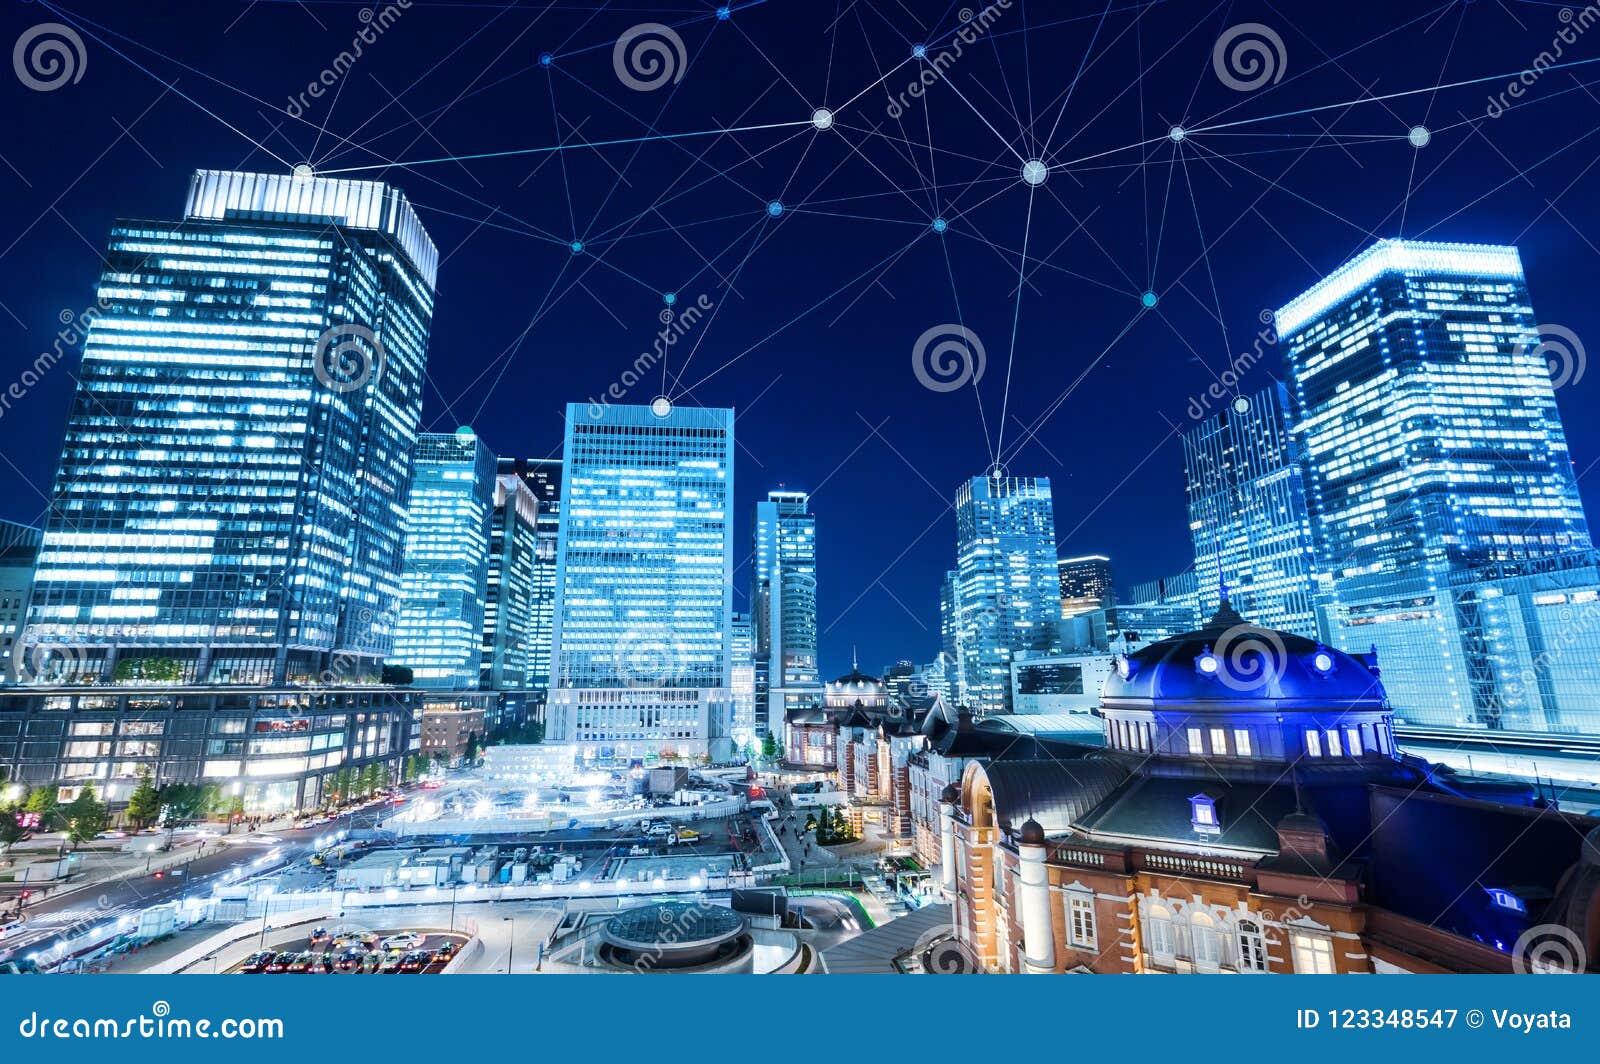 Bedrijfsconcept voor informatie, mededeling, verbindingstechnologie